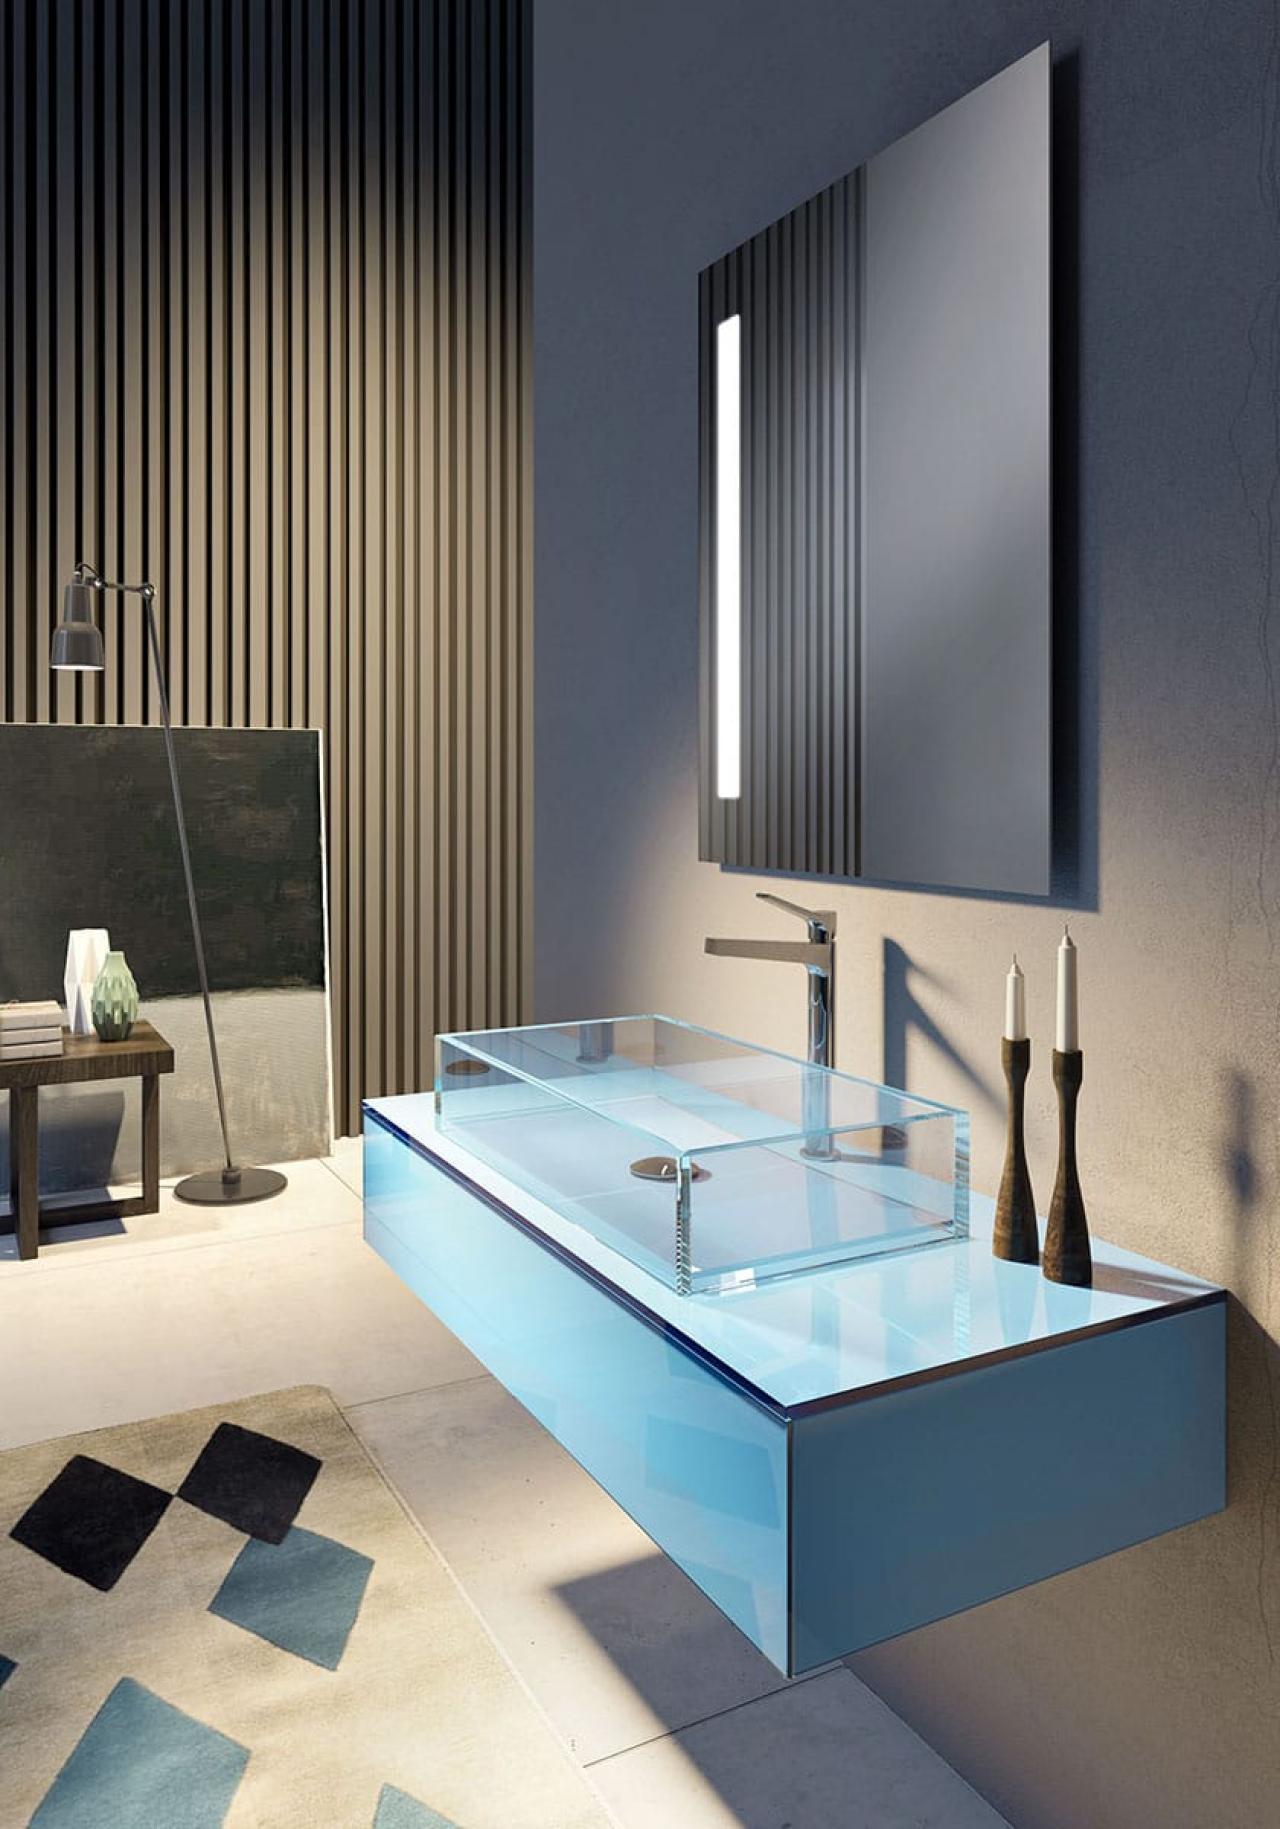 Riviste arredamento bagno affordable interesting scoprire e scegliere arredare il bagno arredo - Riviste arredamento bagno ...